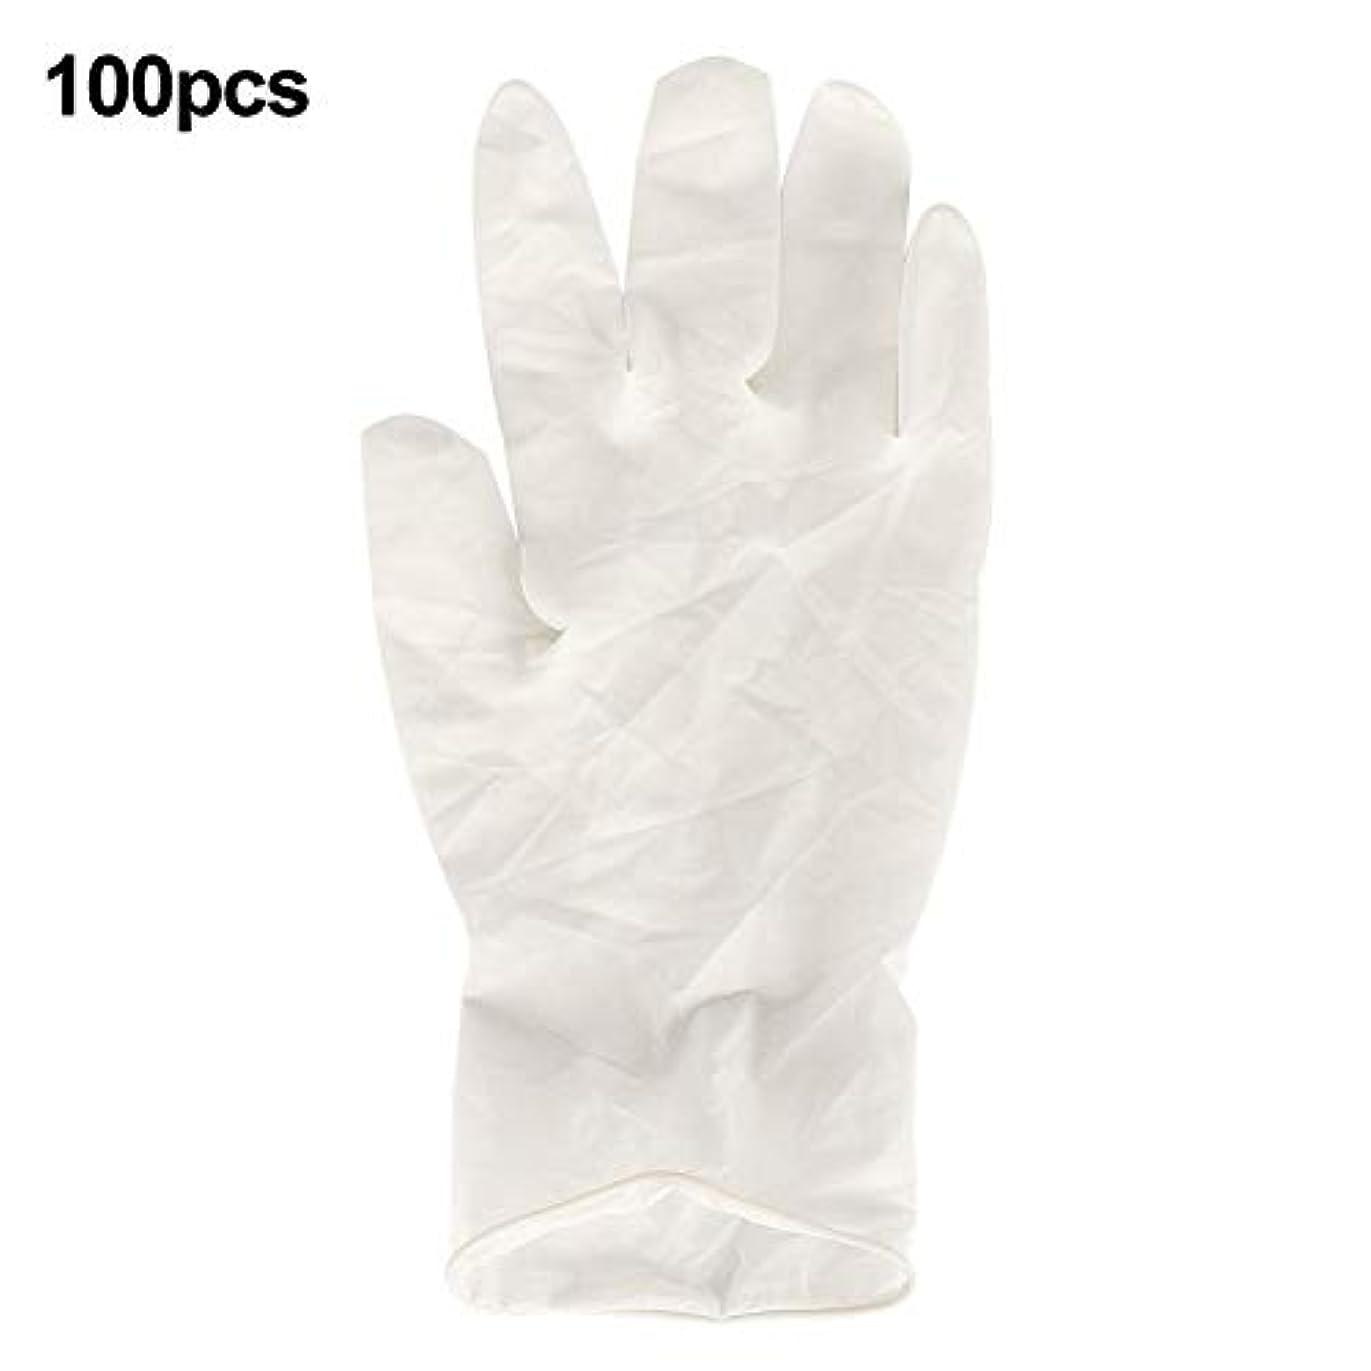 恐ろしいです満たす苦痛Qiilu ラテックス手袋 使い捨て手袋 ゴム手袋 100個(中型)